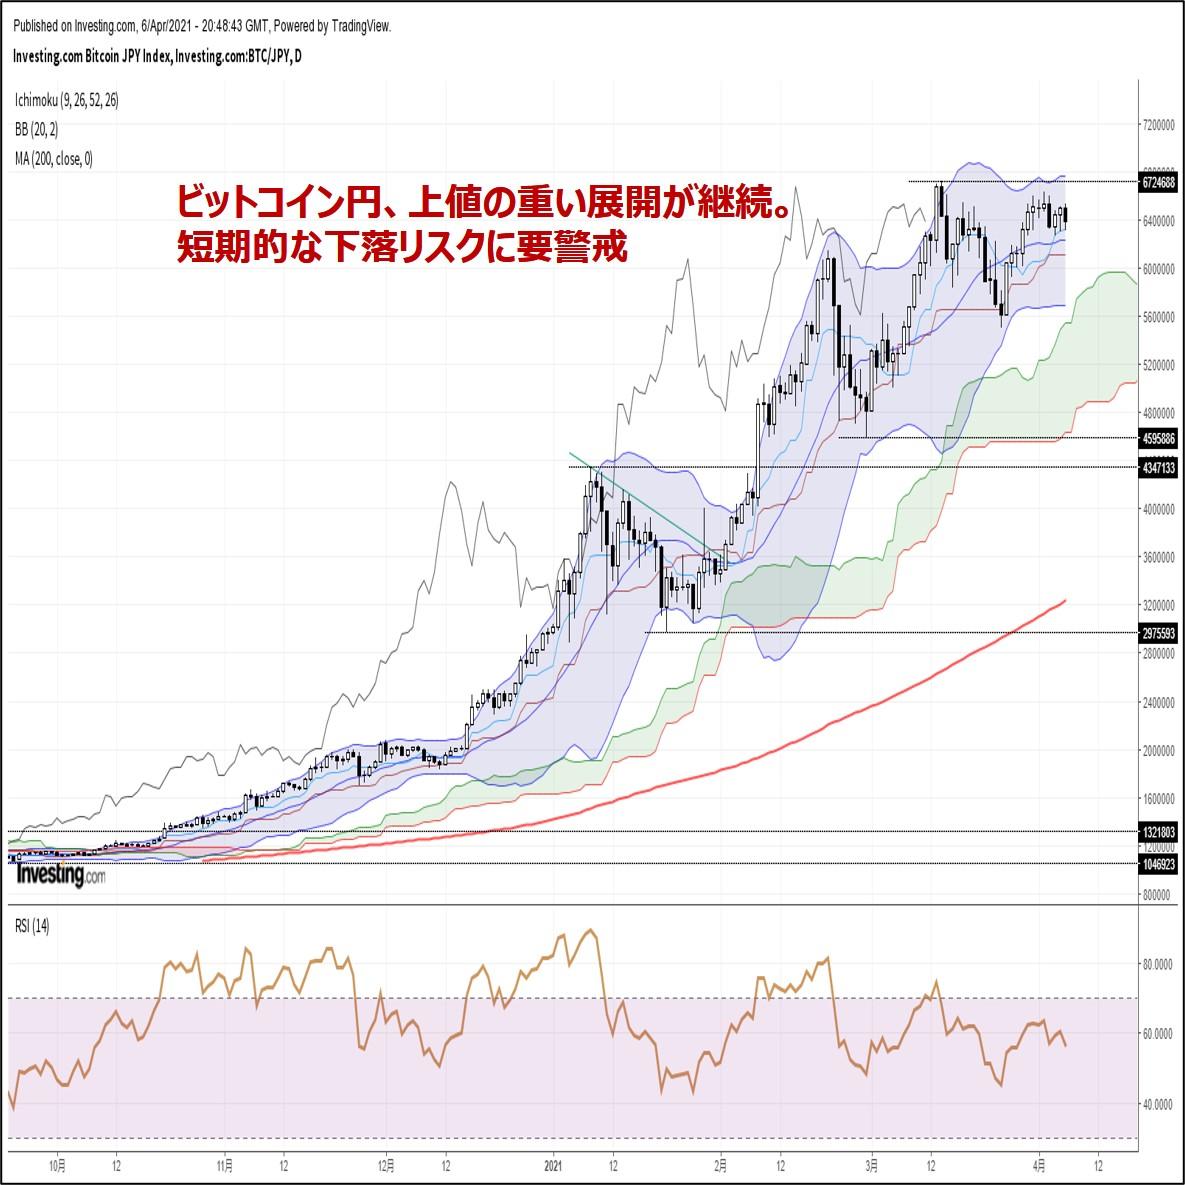 ビットコイン円、上値の重い展開が継続。短期的な下落リスクに要警戒(4/7朝)